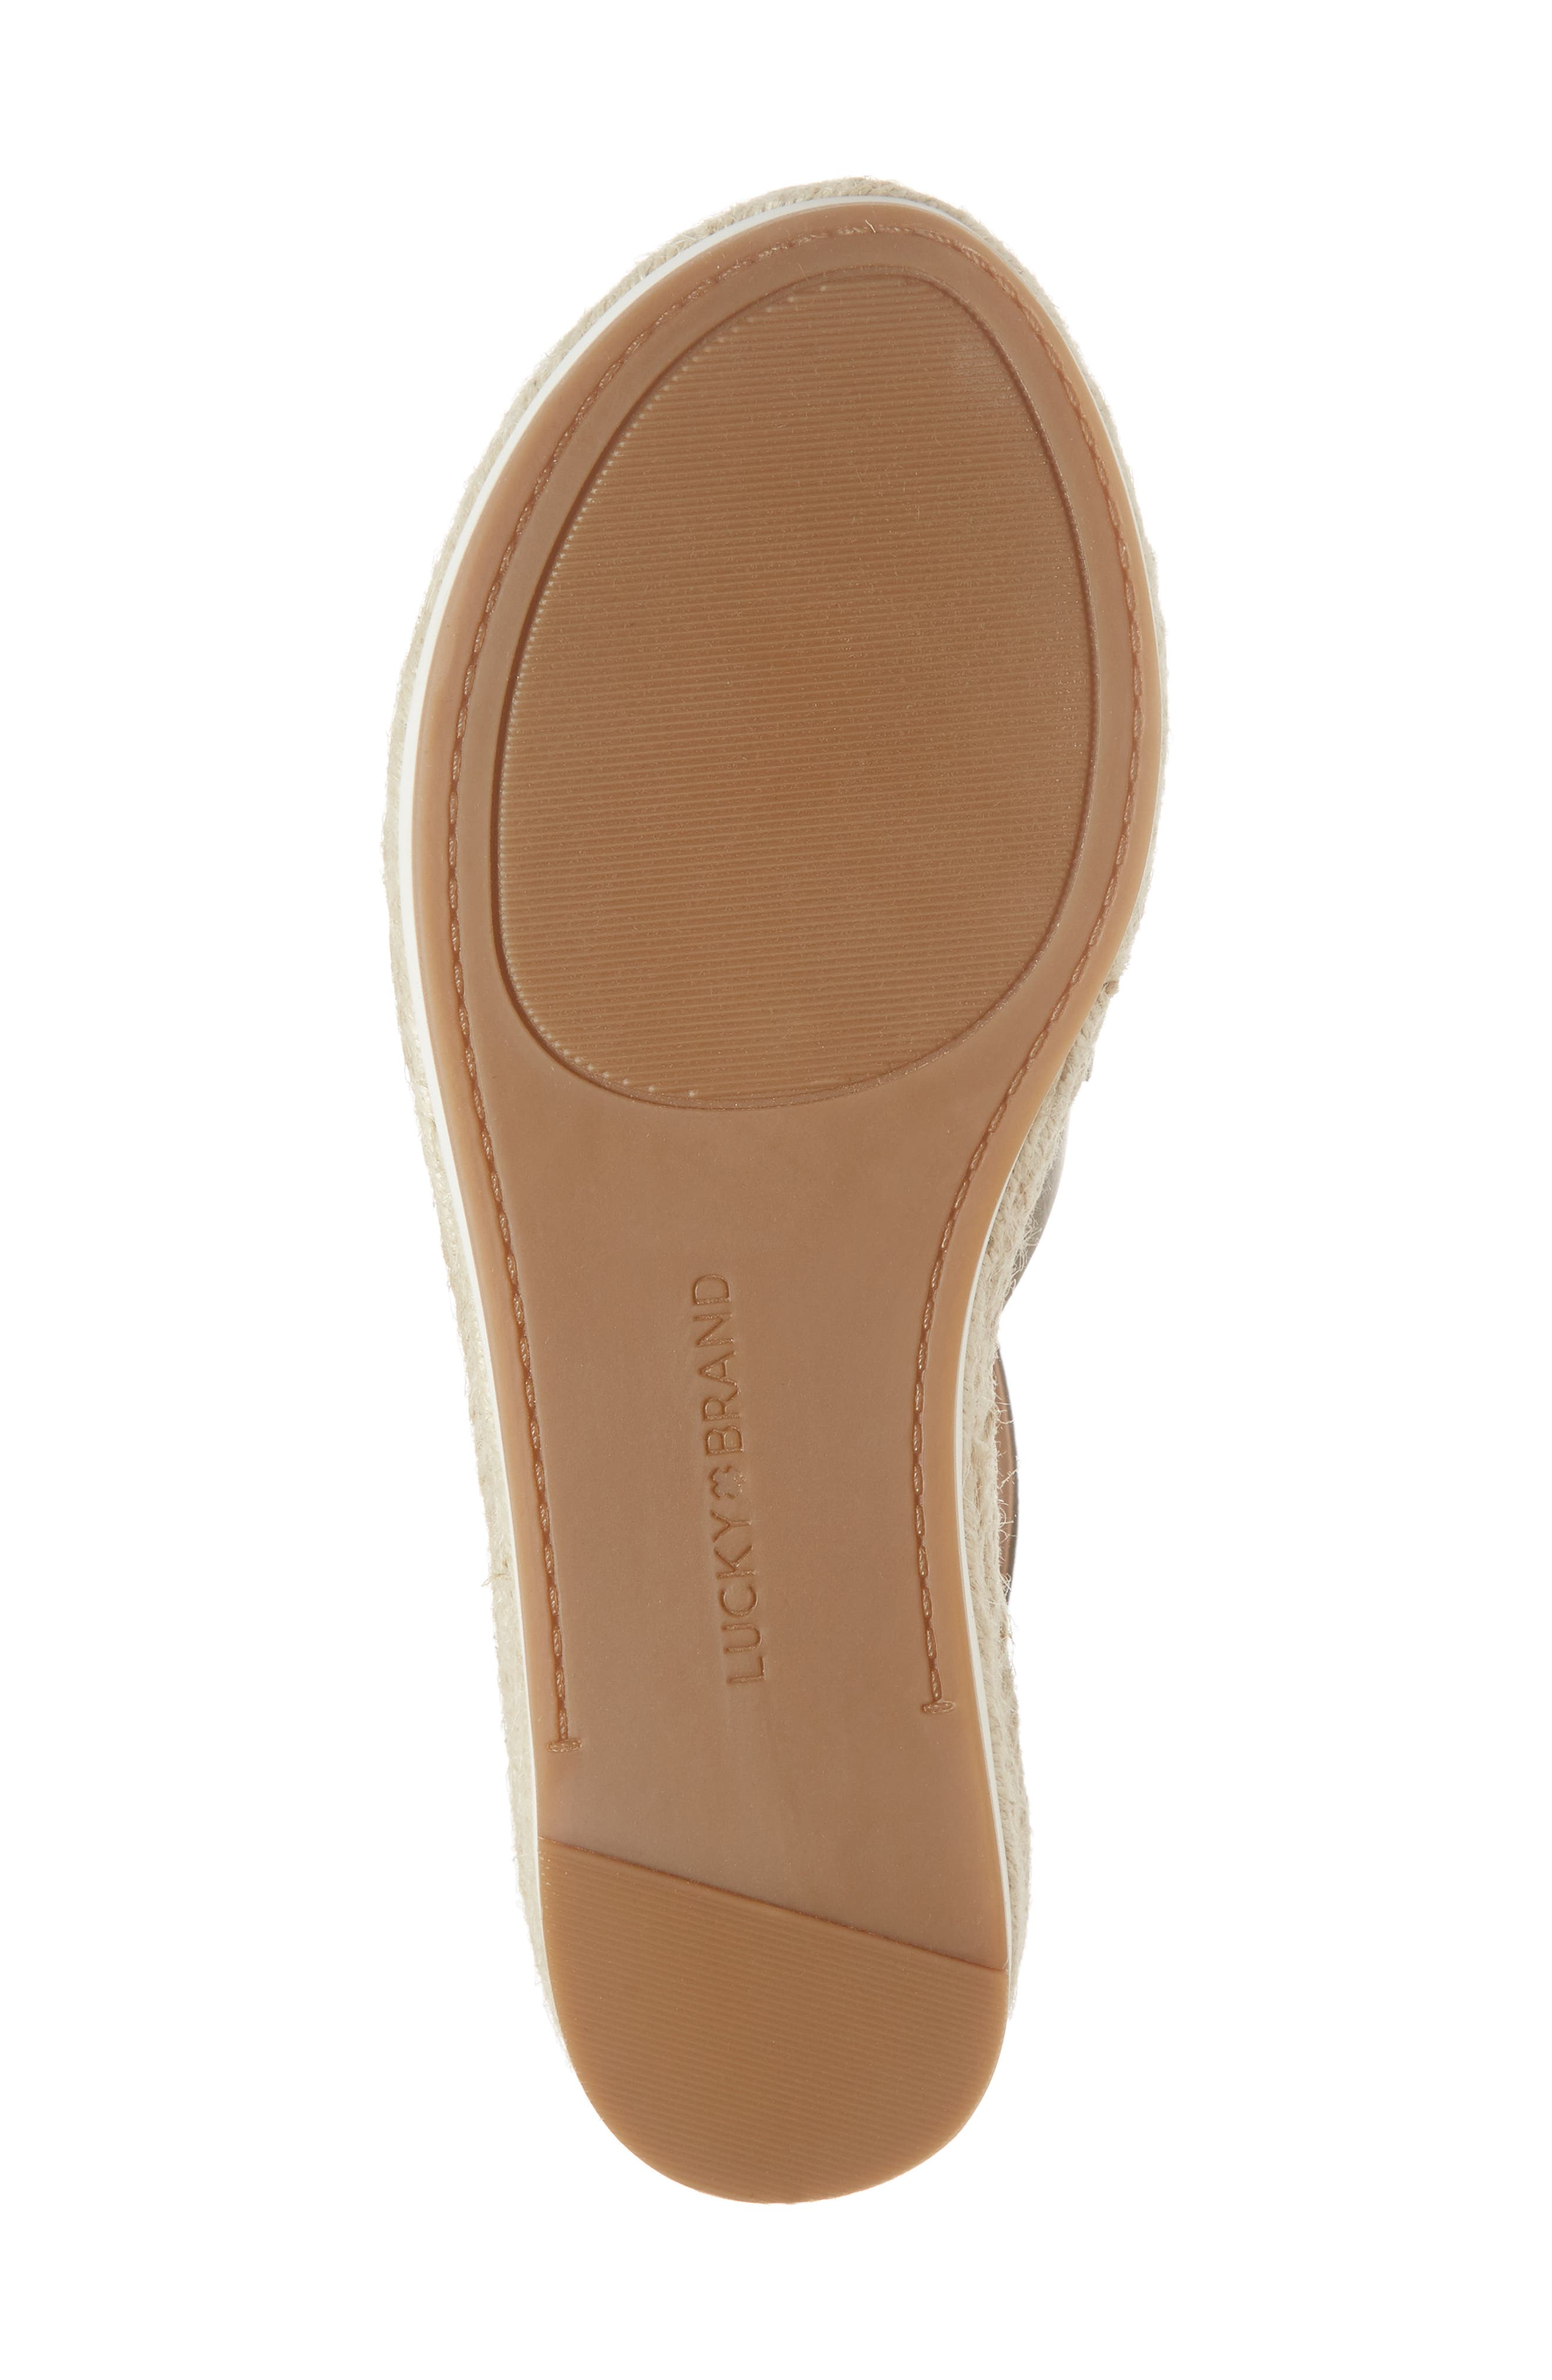 LUCKY BRAND, Jenepper Platform Wedge Sandal, Alternate thumbnail 6, color, DRAB LEATHER